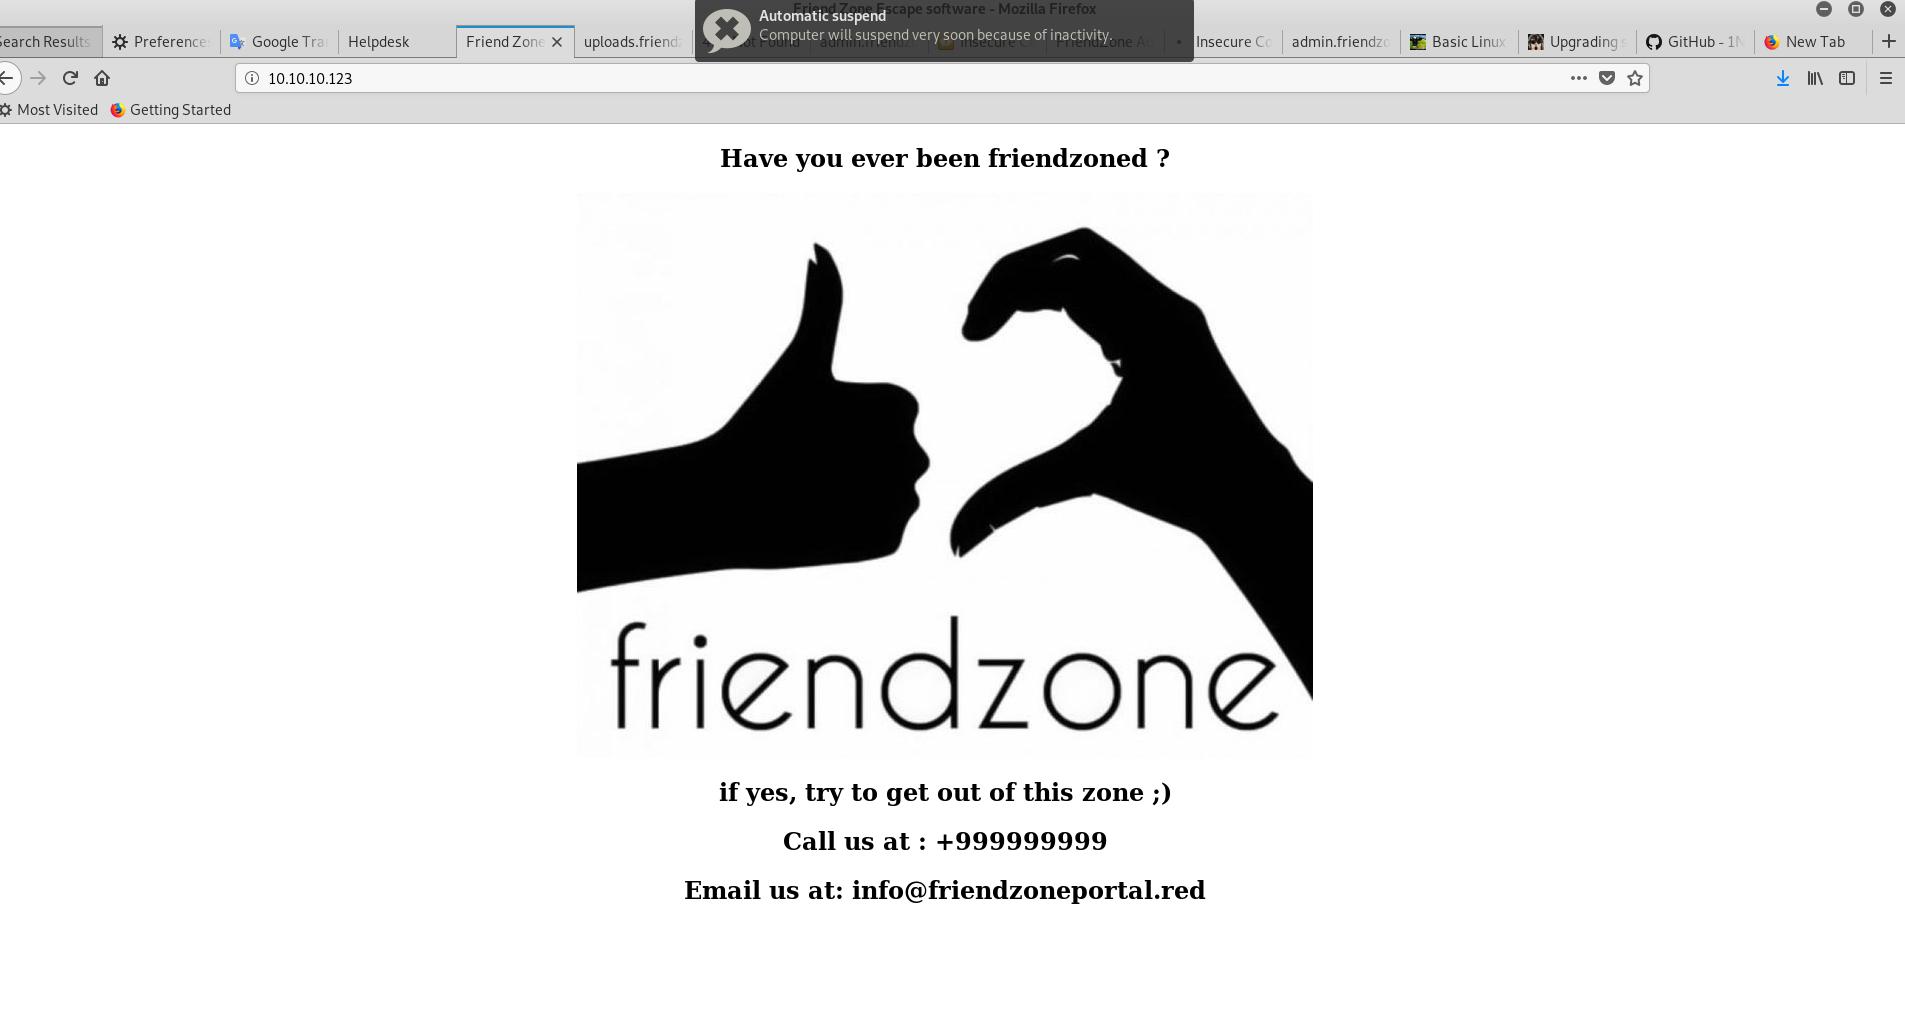 Прохождение лабораторной машины для пентеста «Hackthebox — Friendzone» - 7